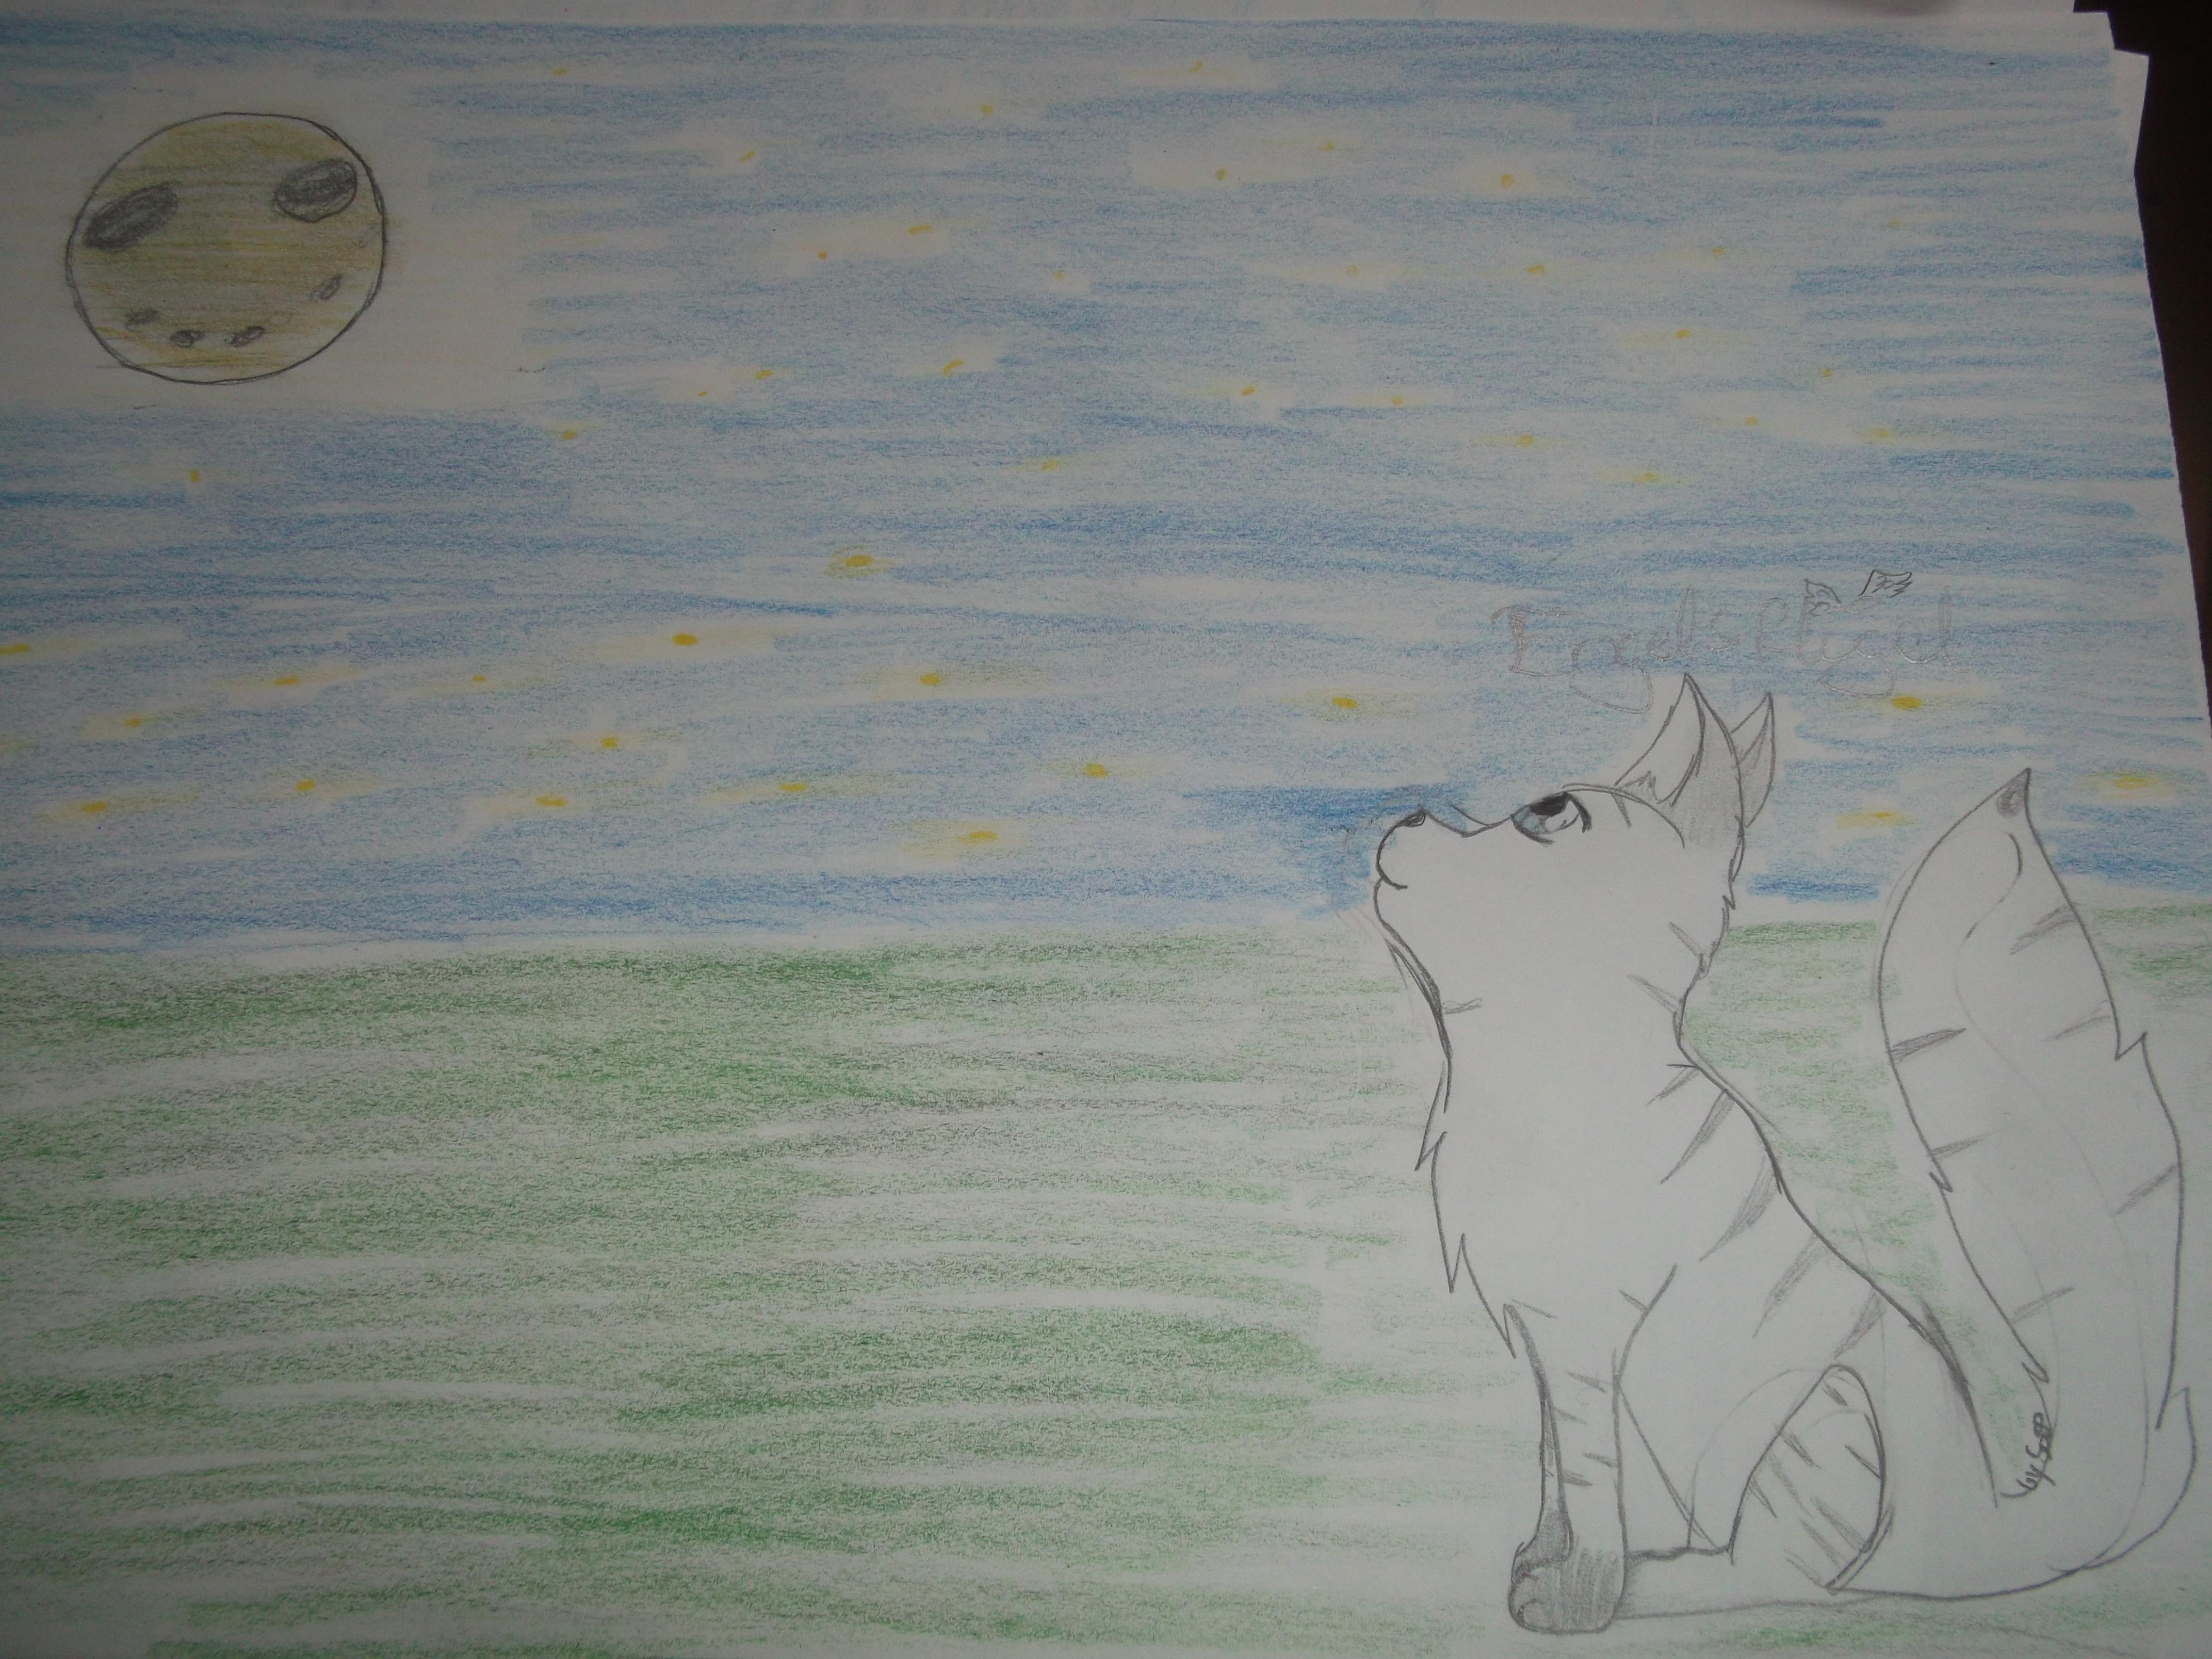 Die Hochfelsen und der Mondstein - Seite 3 Dscf1656nzp9j